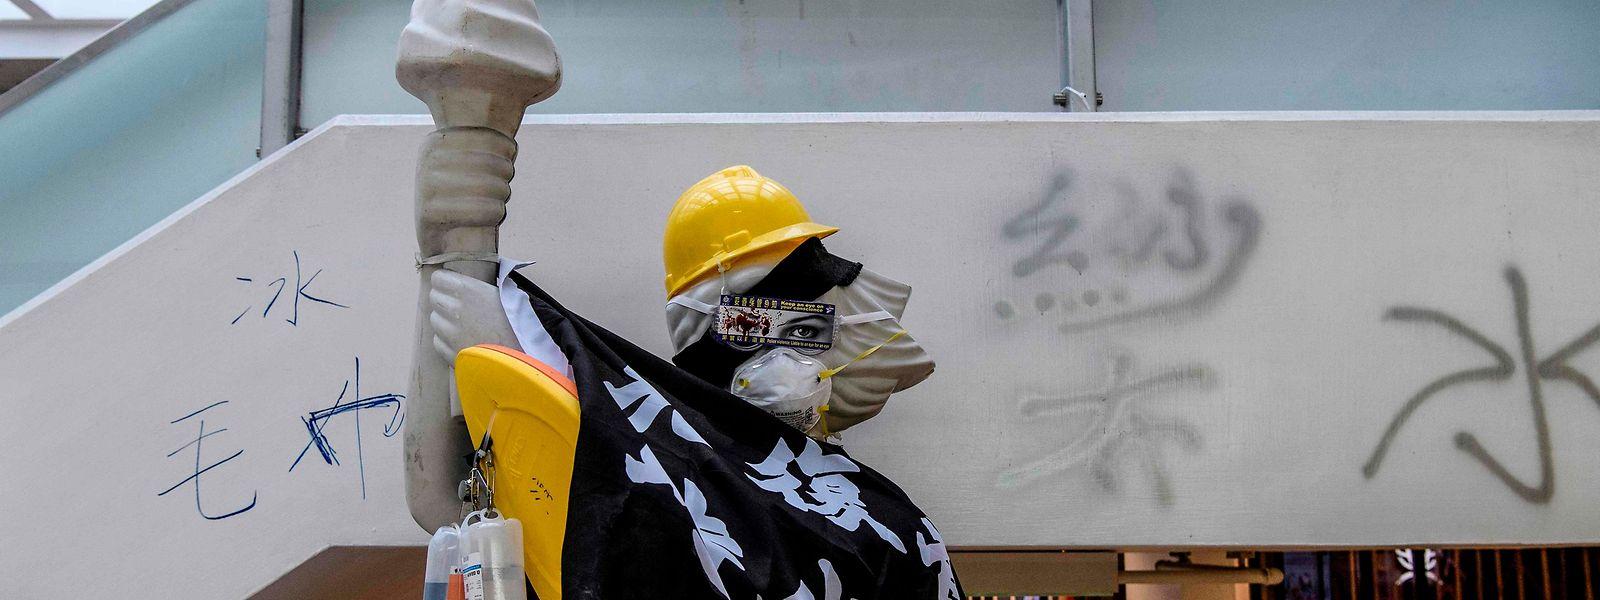 Trotz der im Hongkonger Grundgesetz verankerten Presse- und Meinungsfreiheit, steigt der Einfluss Pekings auf die Berichterstattung.